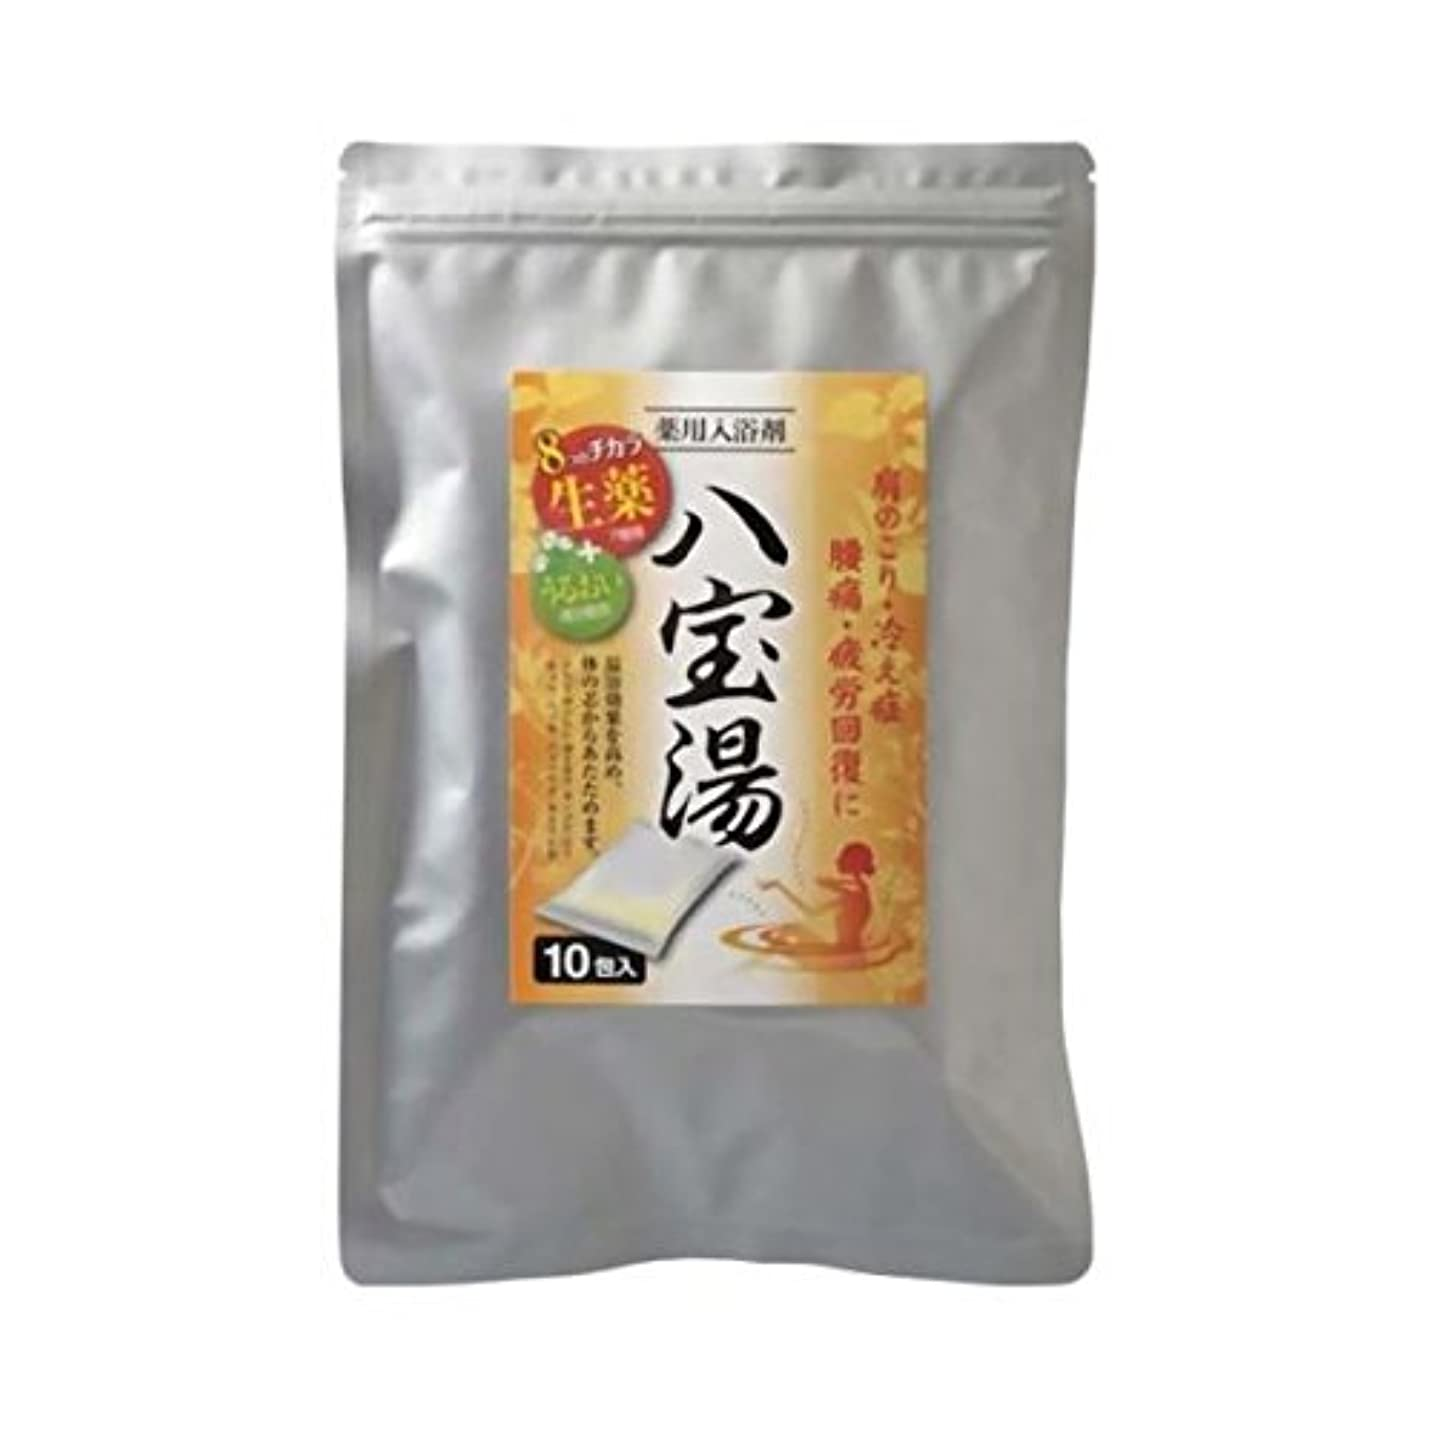 ベアリングレイ受信【お徳用 3 セット】 薬用入浴剤 八宝湯 カモミールの香り 10包×3セット